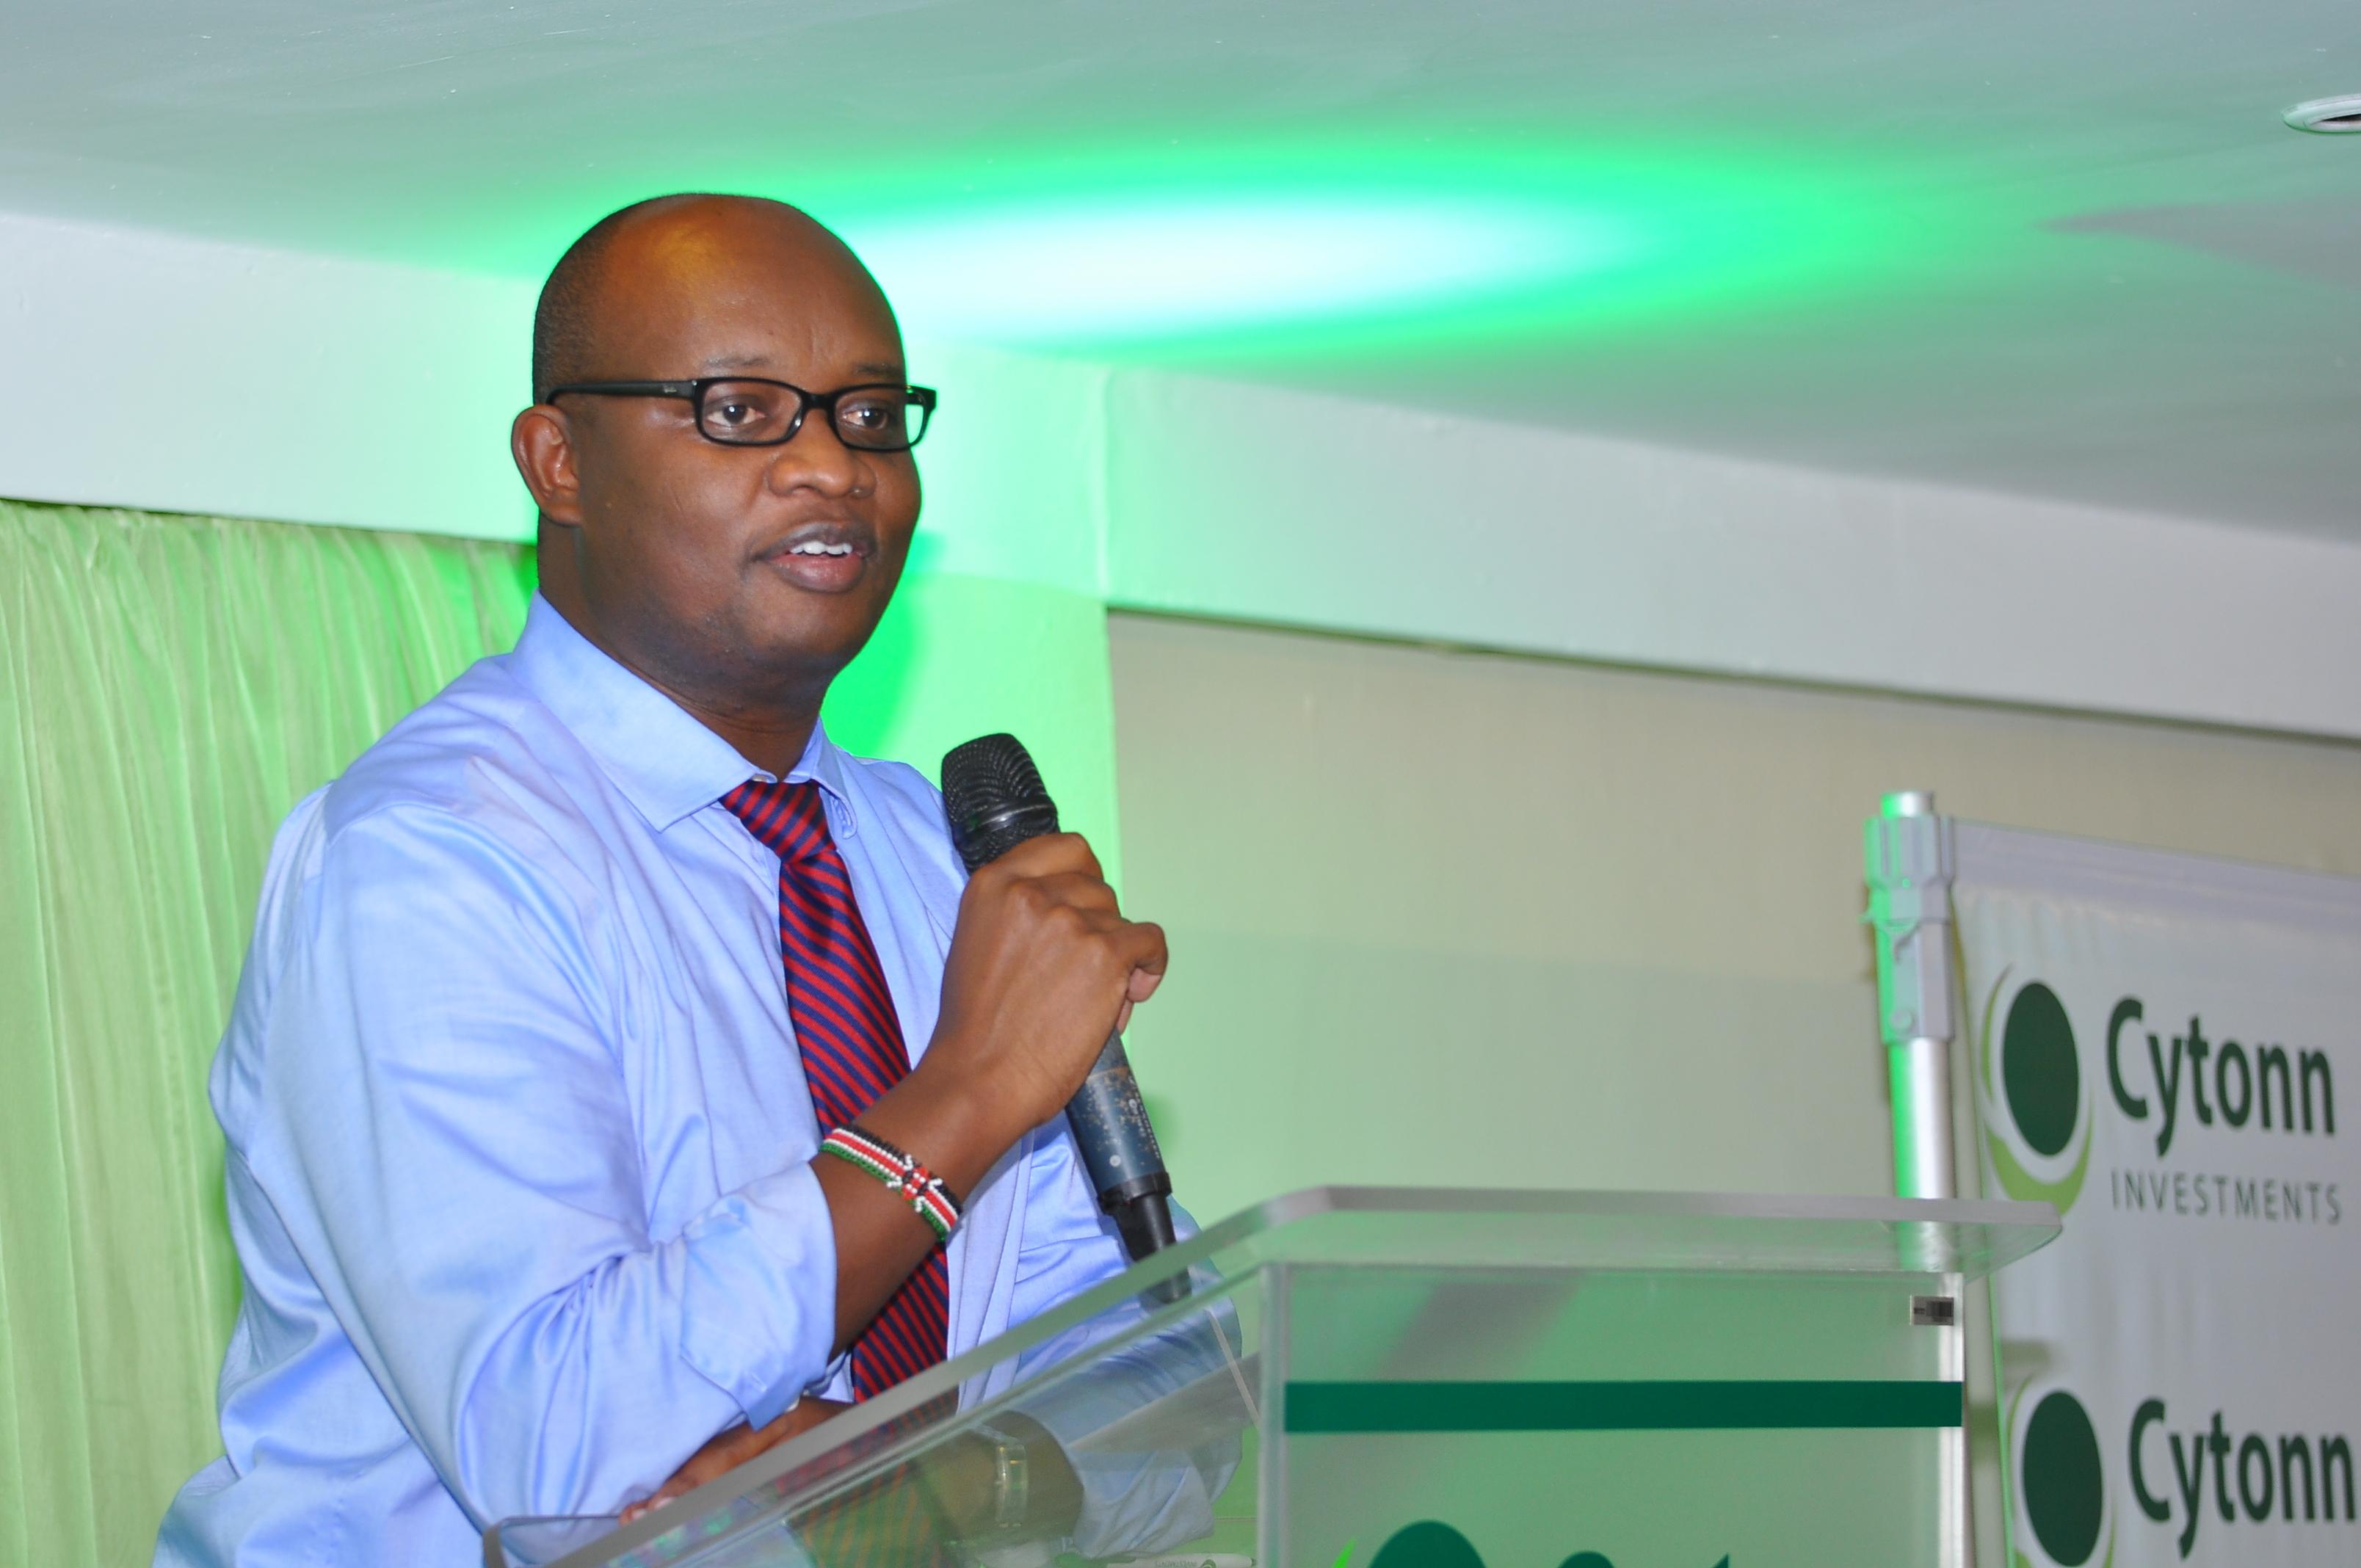 Promoting entrepreneurial culture in Kenya